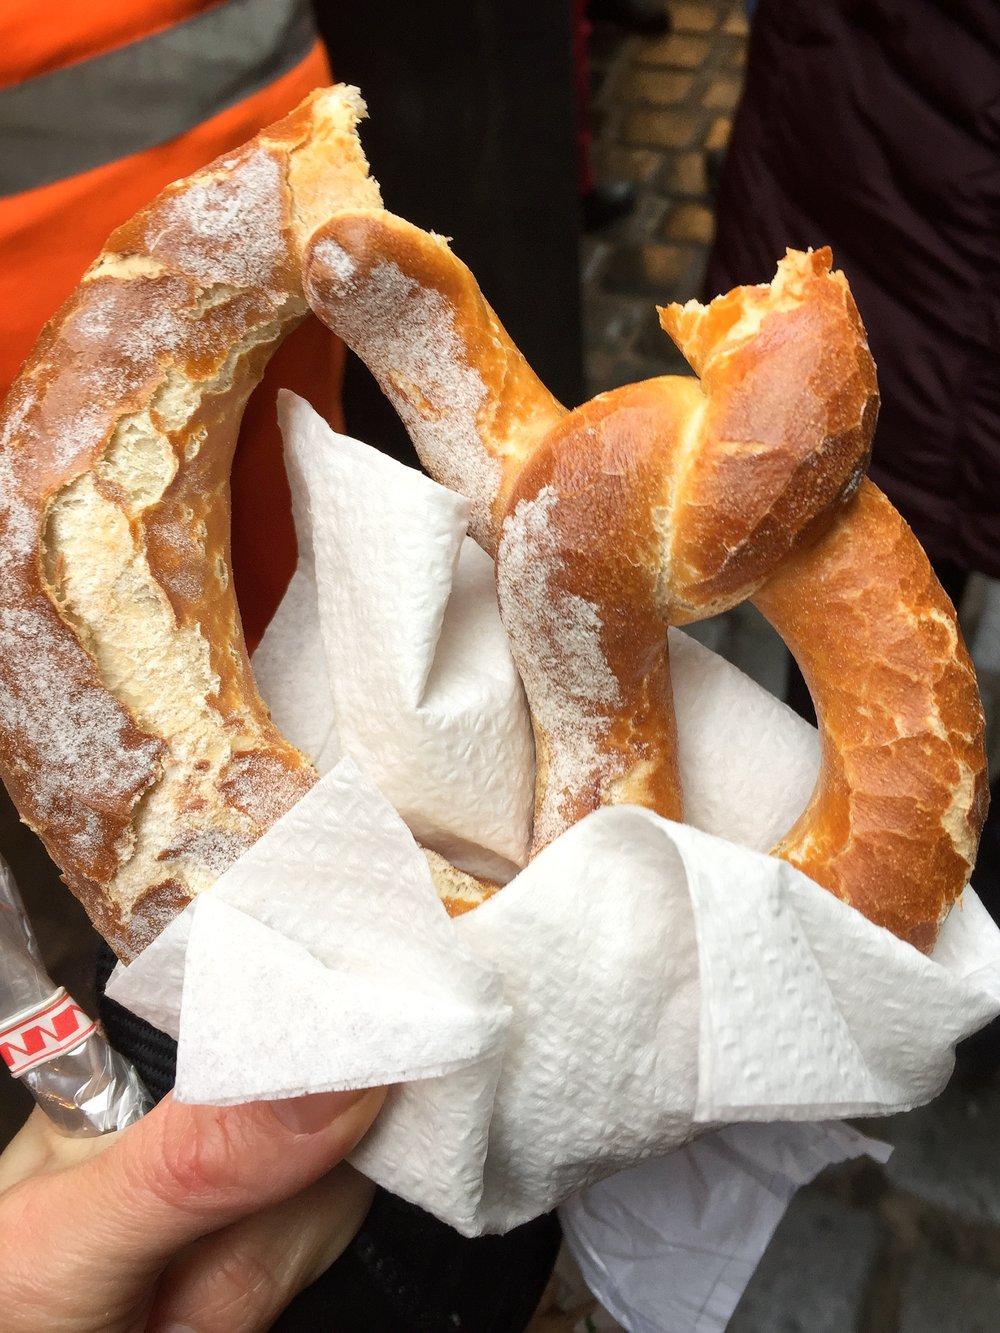 huge soft pretzel at Christmas market (Nuremberg)